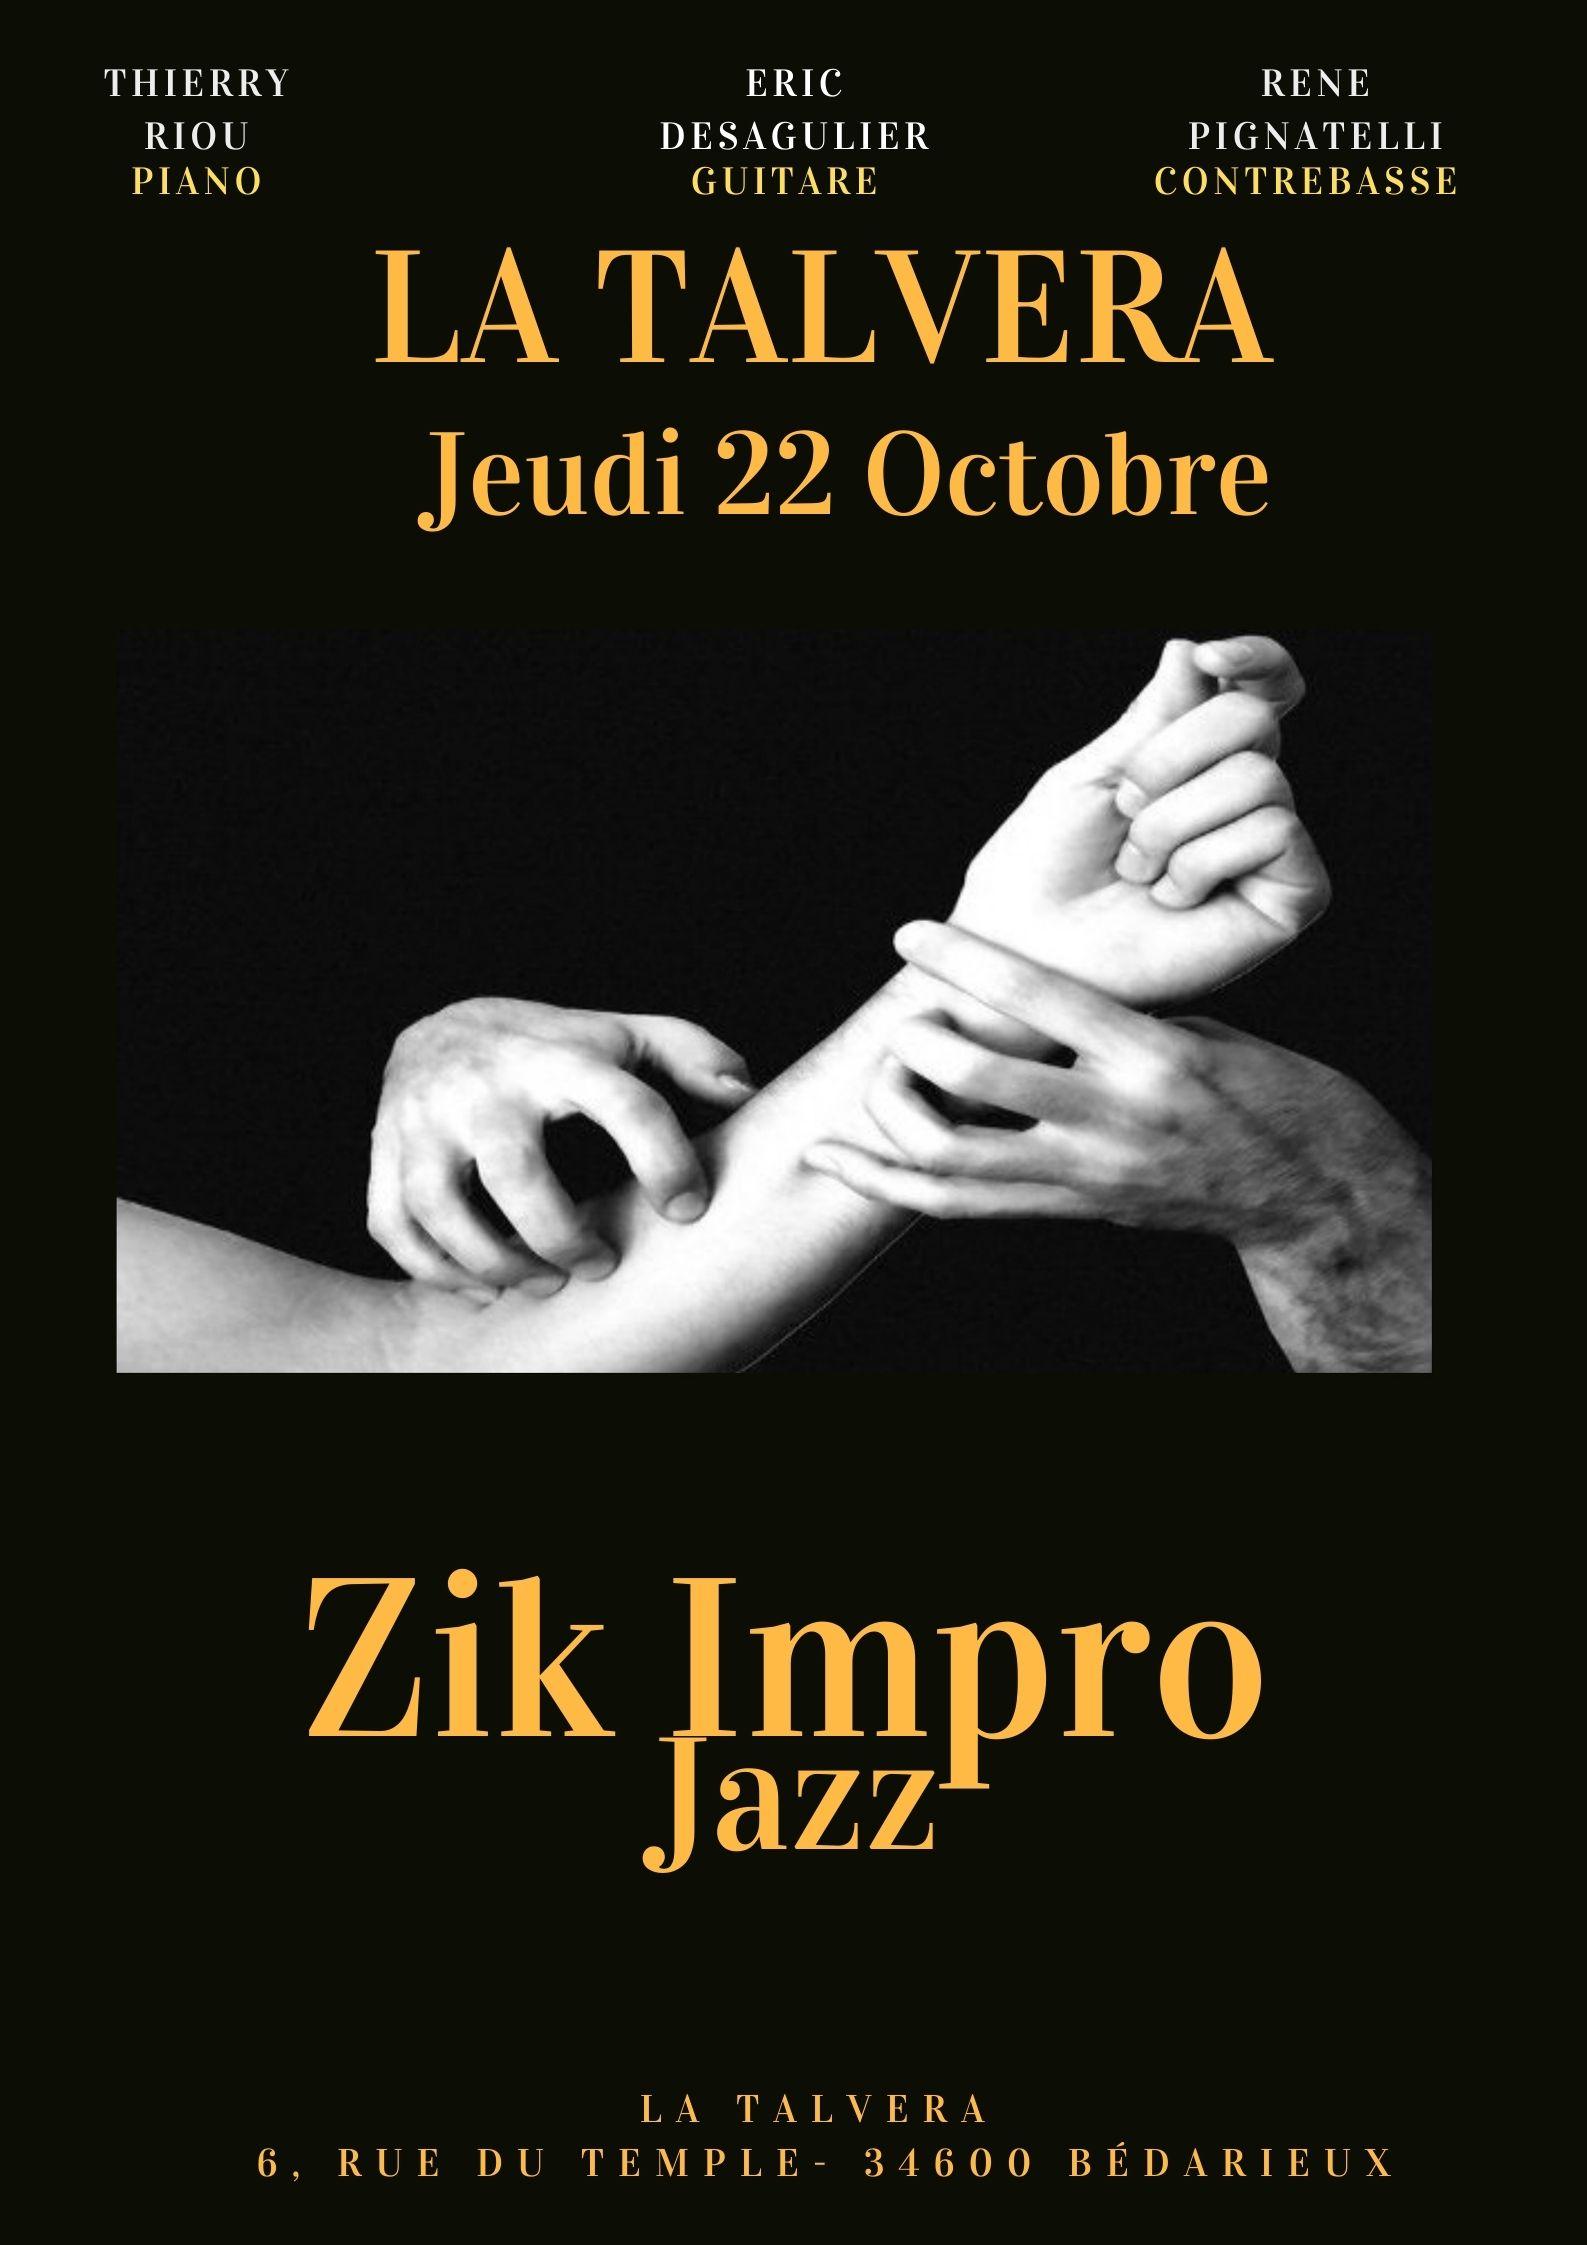 Concert repas Jazz Zik Impro